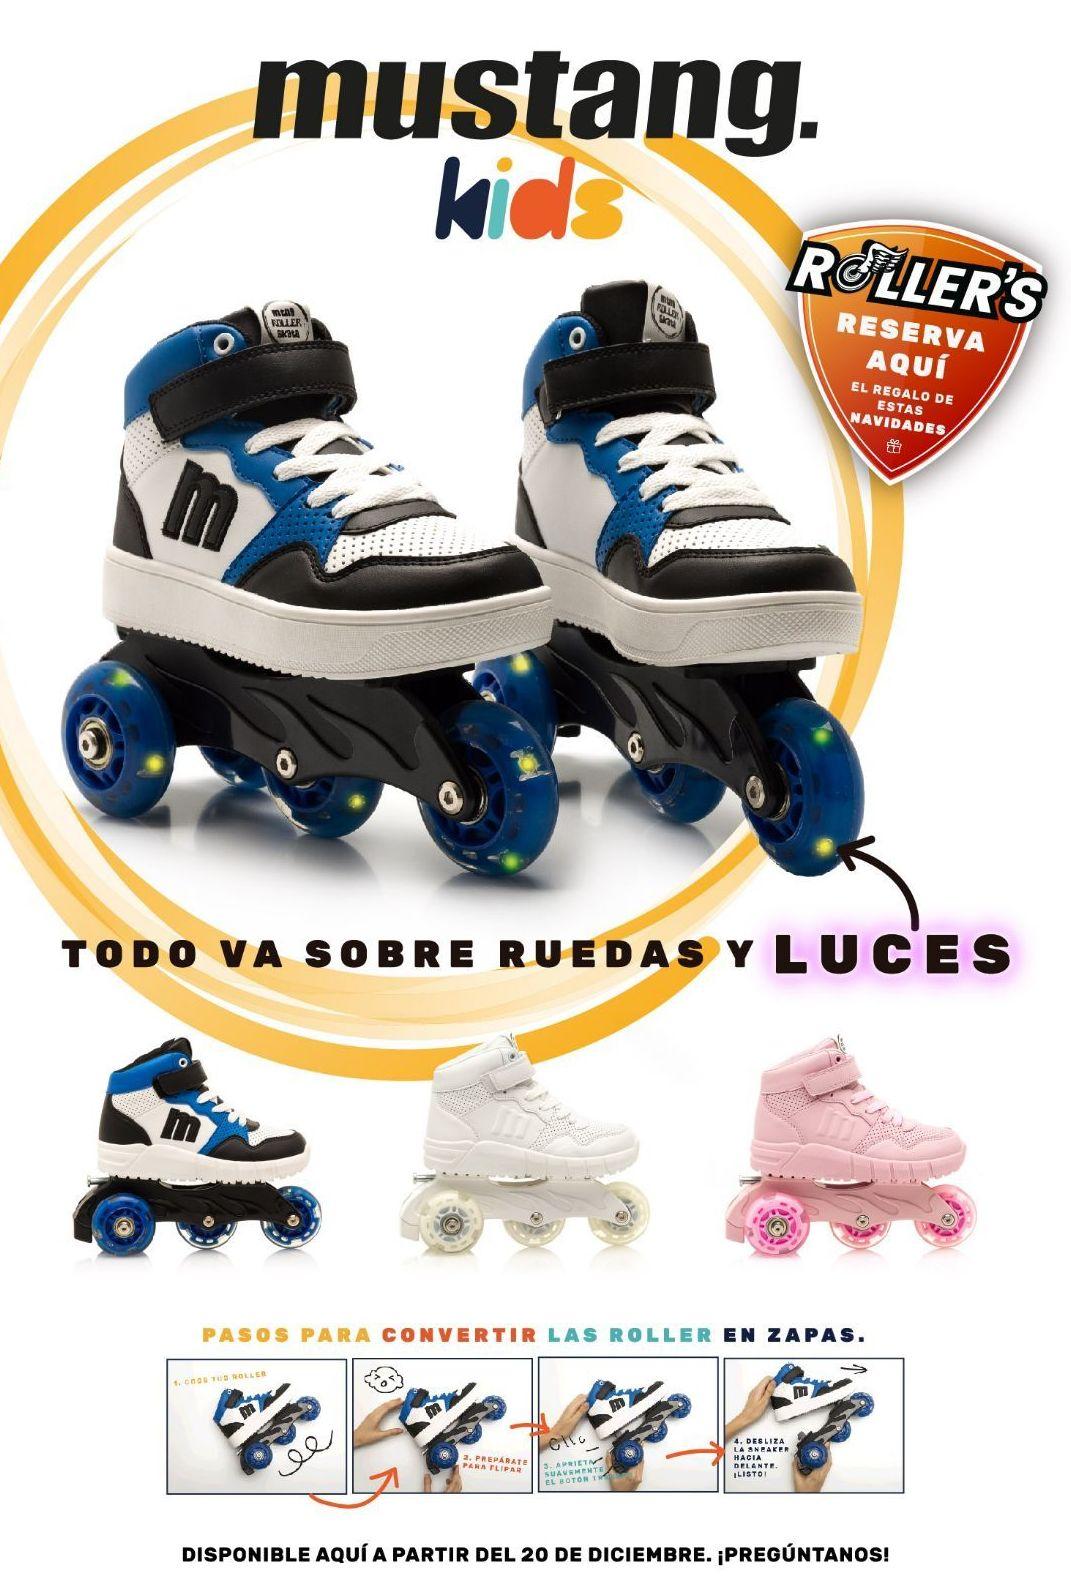 Ofertas de ruedas para zapatillas.